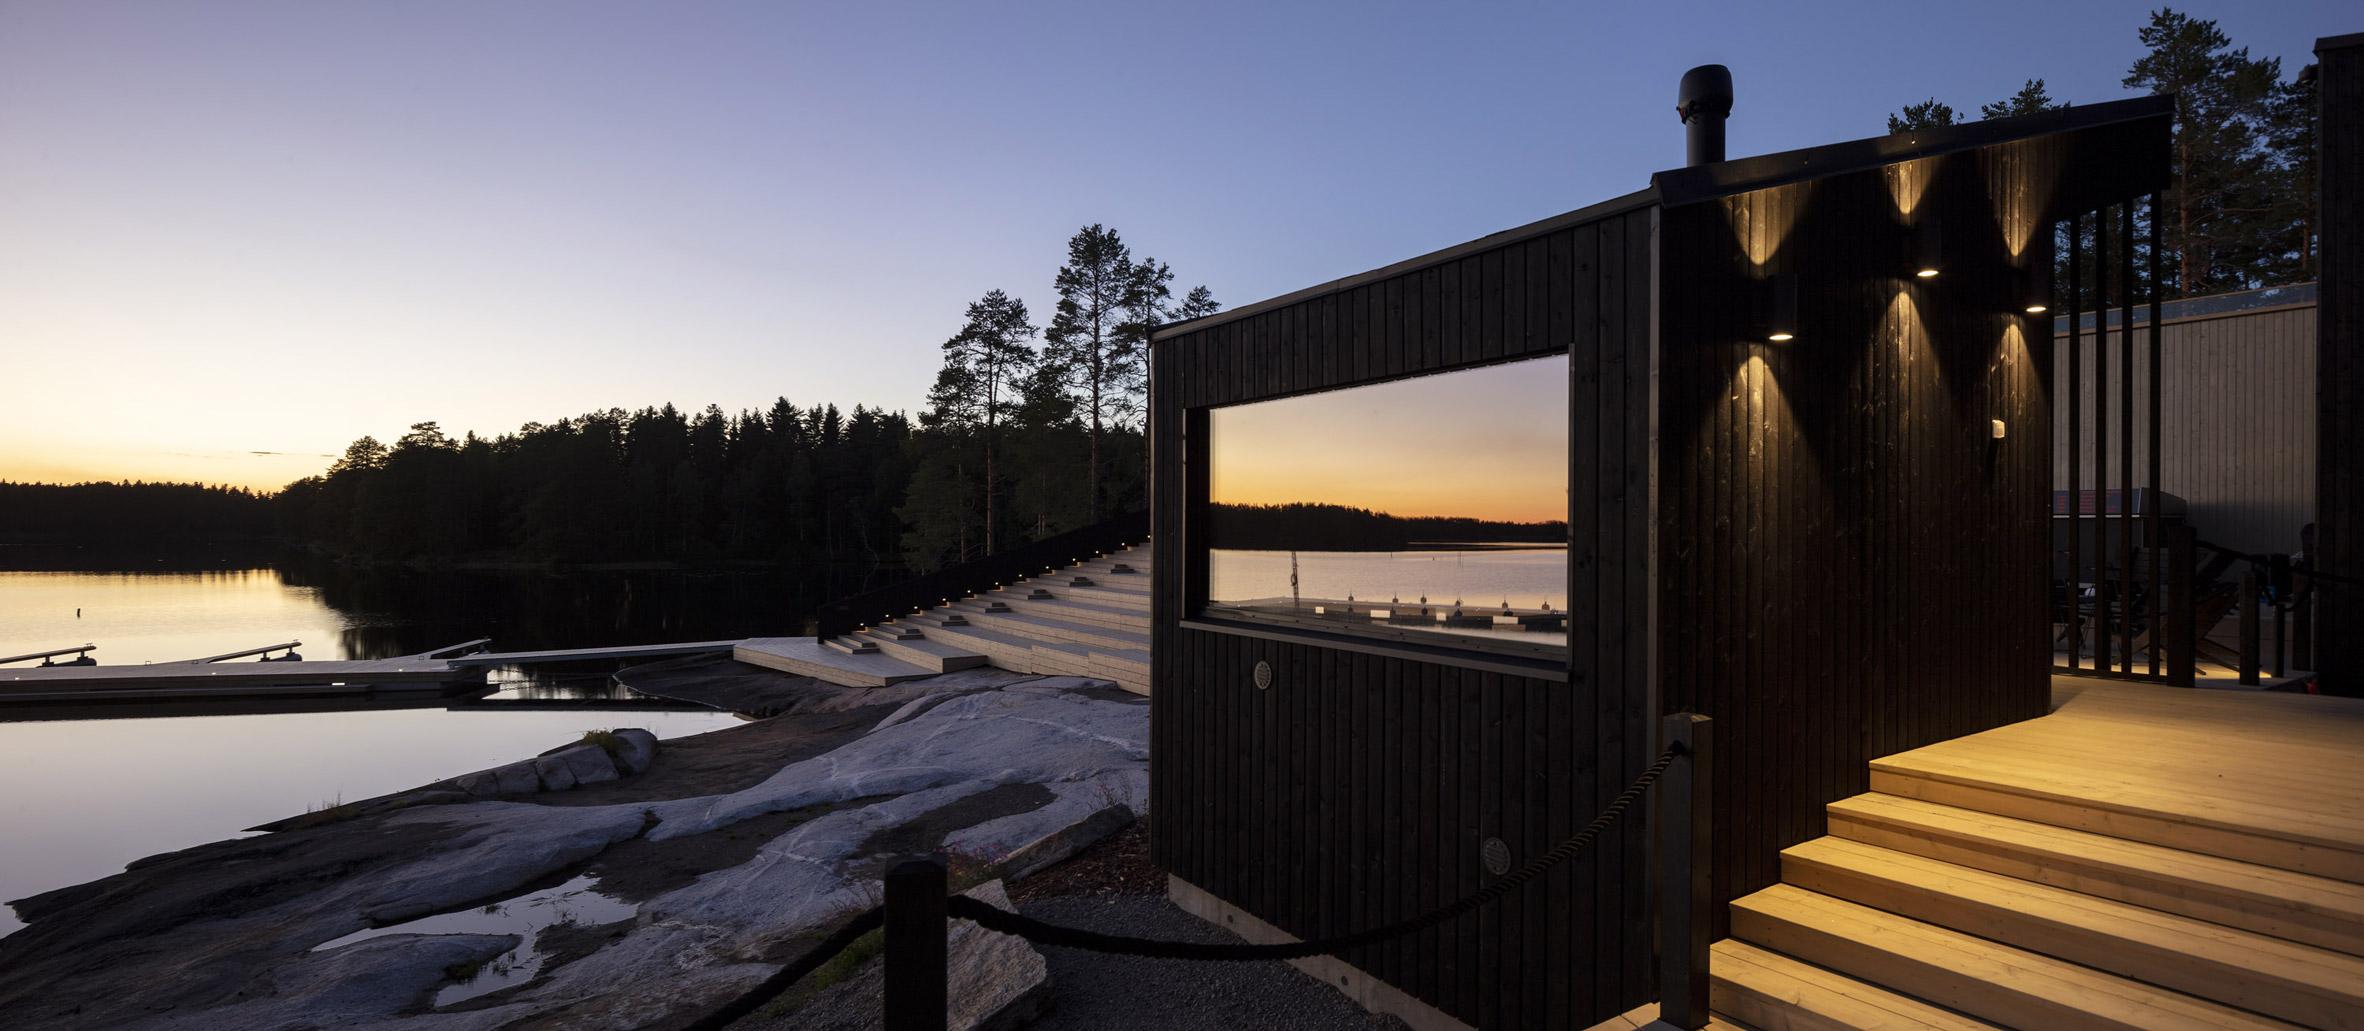 A black timber wellness centre